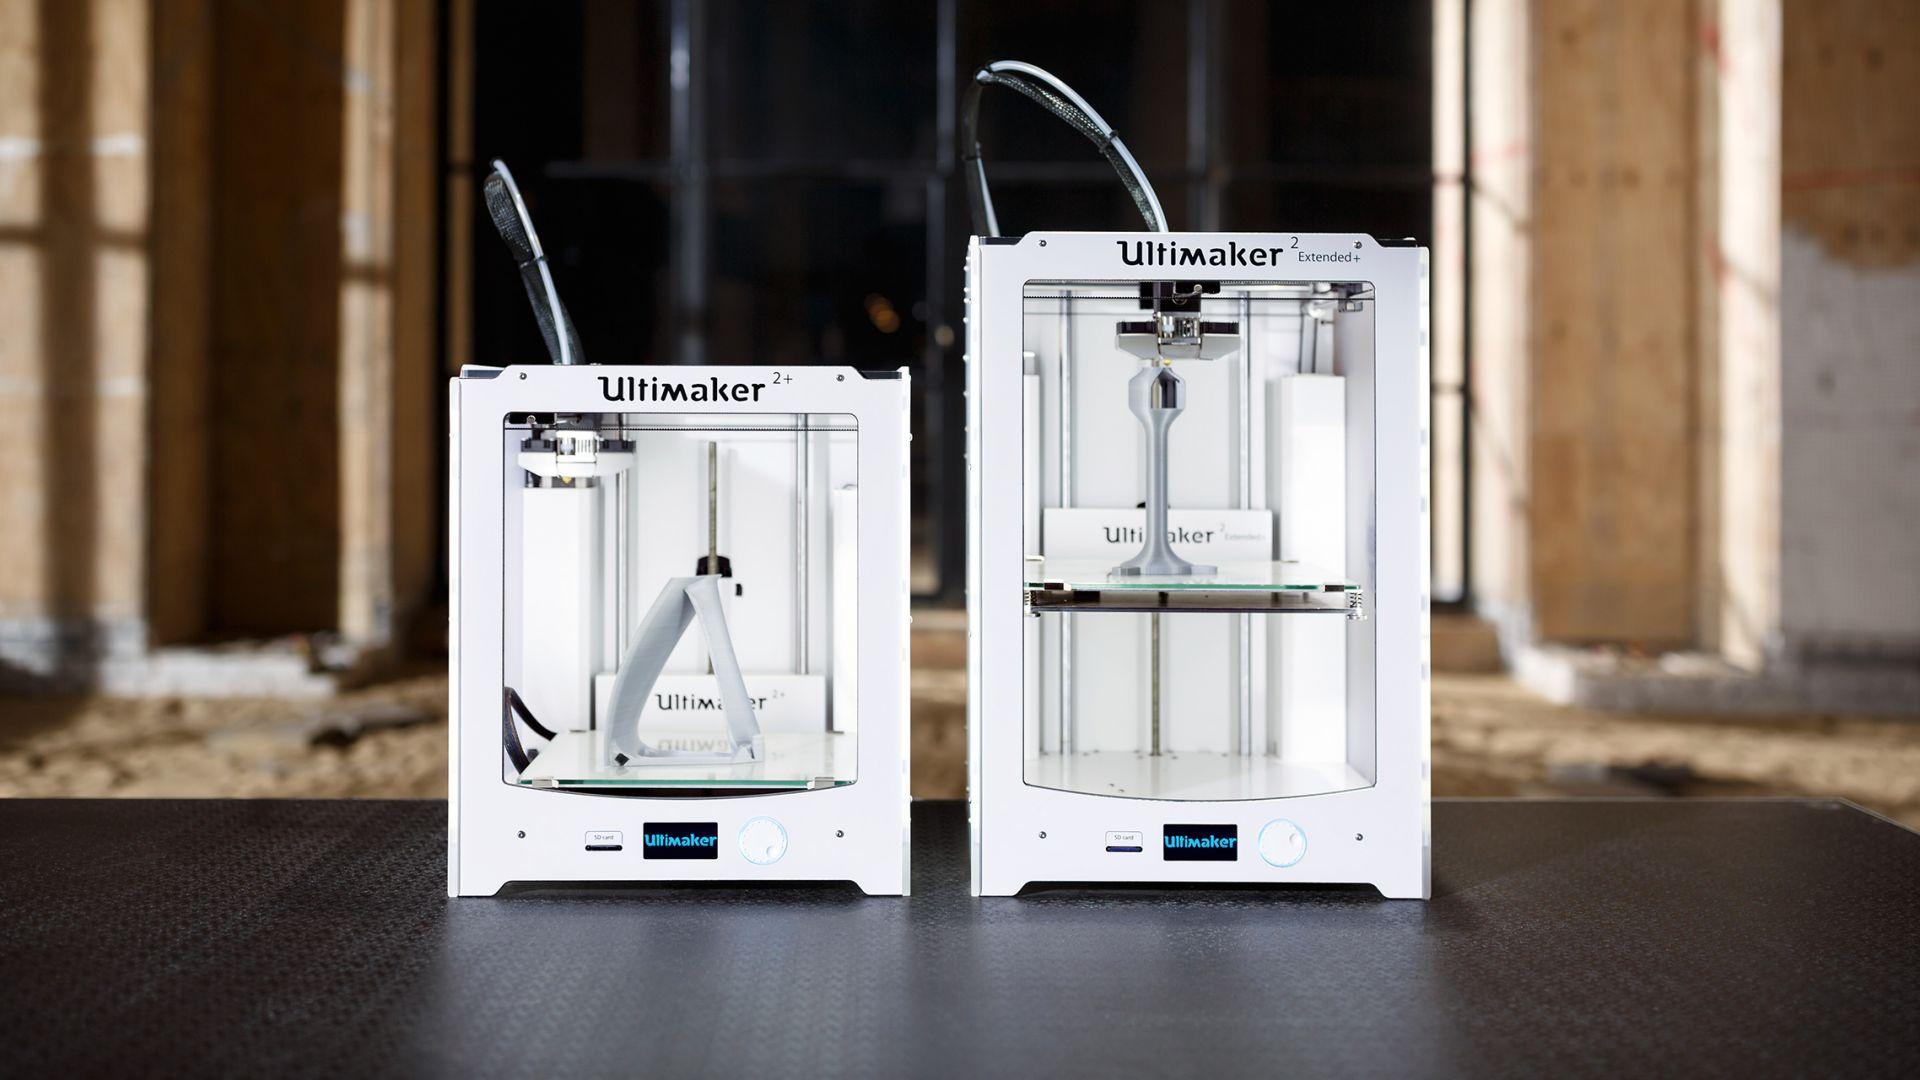 3Dハブズのアニュアルレポートでウルチメーカー2+がプロスーマー部門一位を獲得